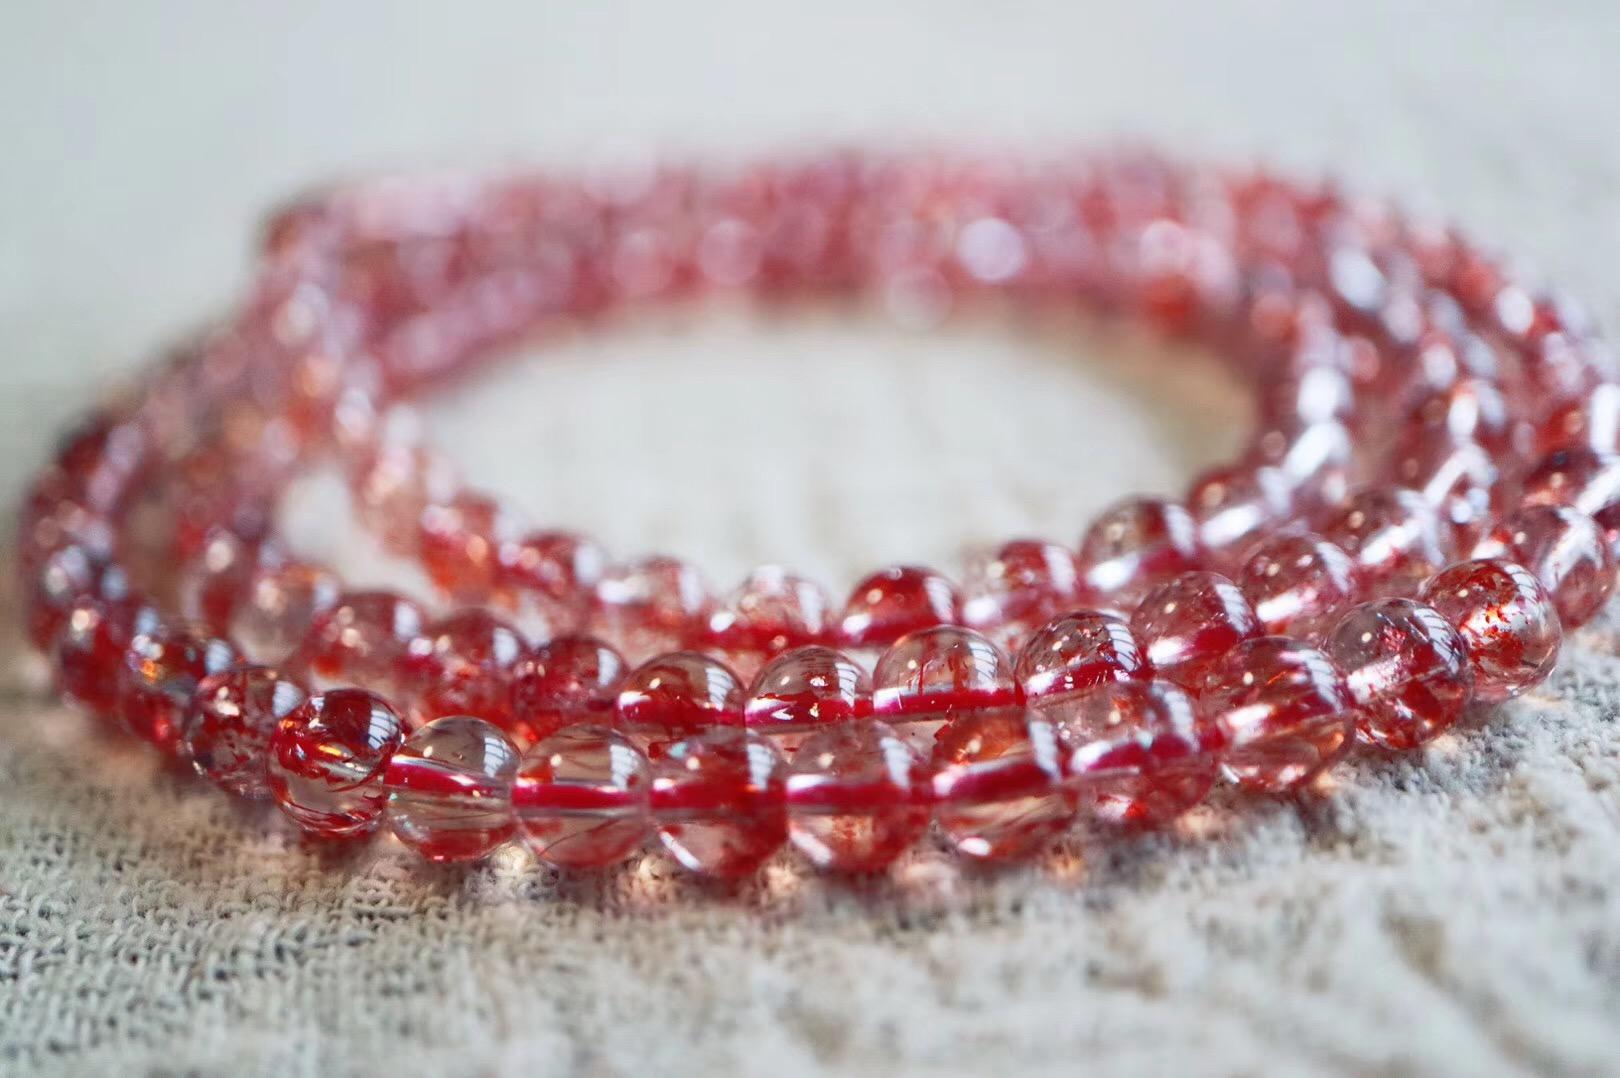 【菩心 | 超七金草莓晶】金草莓晶也是超七水晶里的一种-菩心晶舍